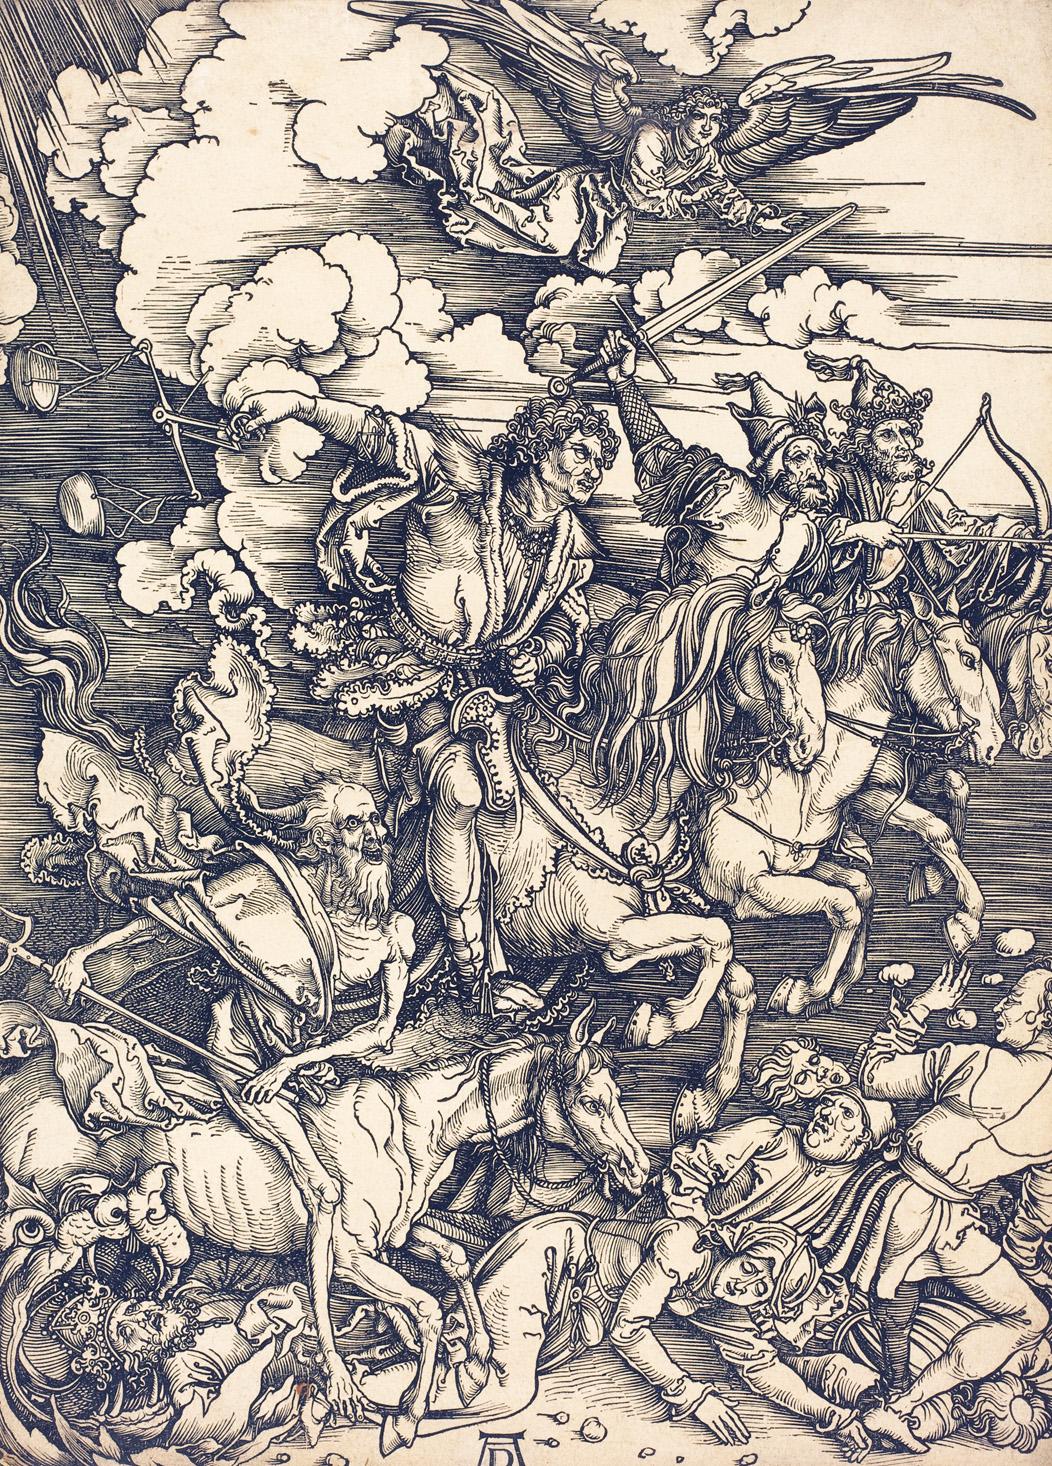 Four Horsemen of the Apocalypse, by Albrecht Dürer, 1498. National Gallery of Art, Washington D.C.